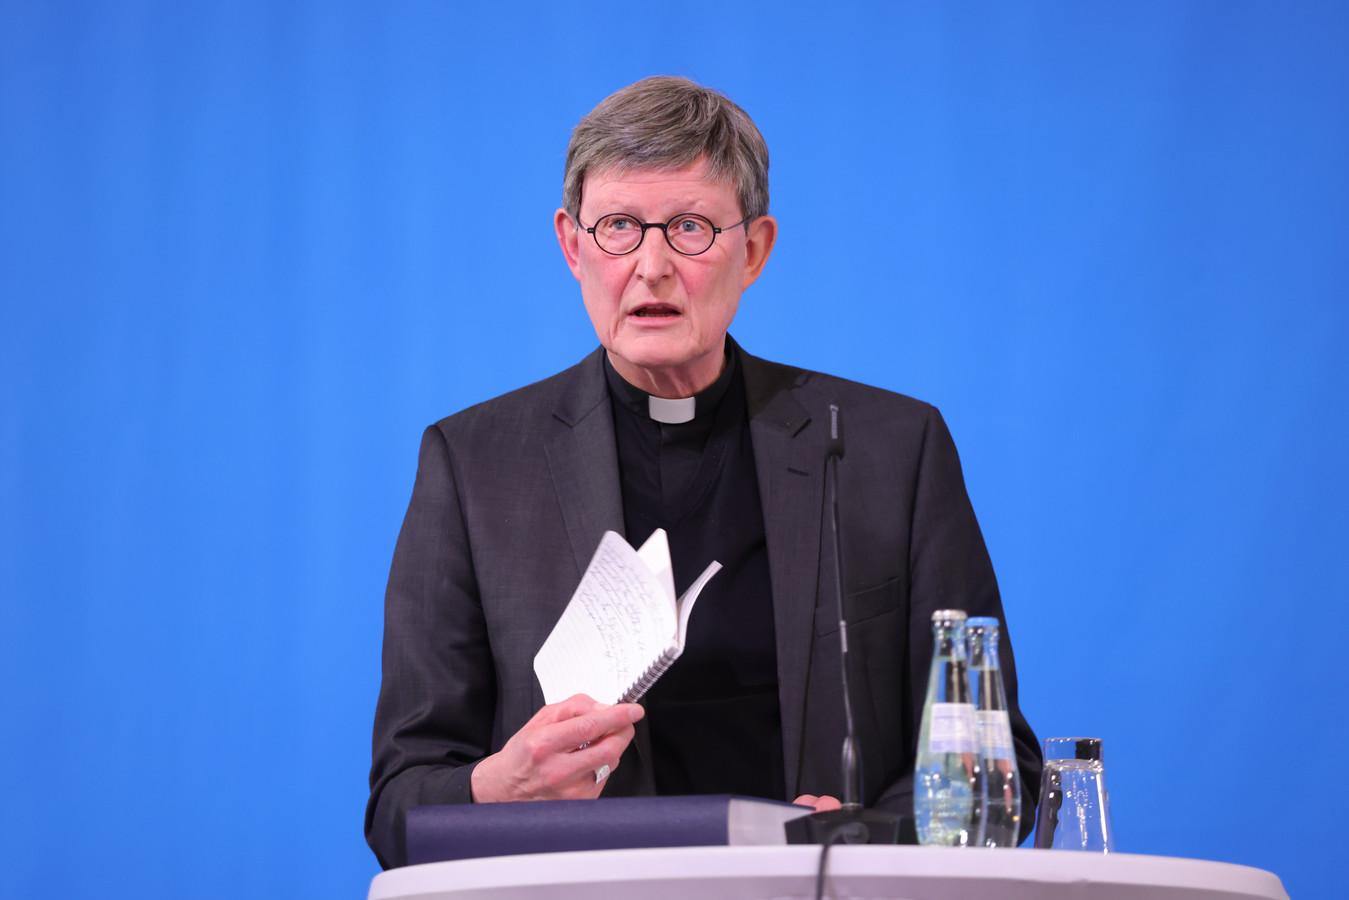 Kardinaal Rainer Maria Woelkina na ontvangst van het misbruikrapport in maart dit jaar.